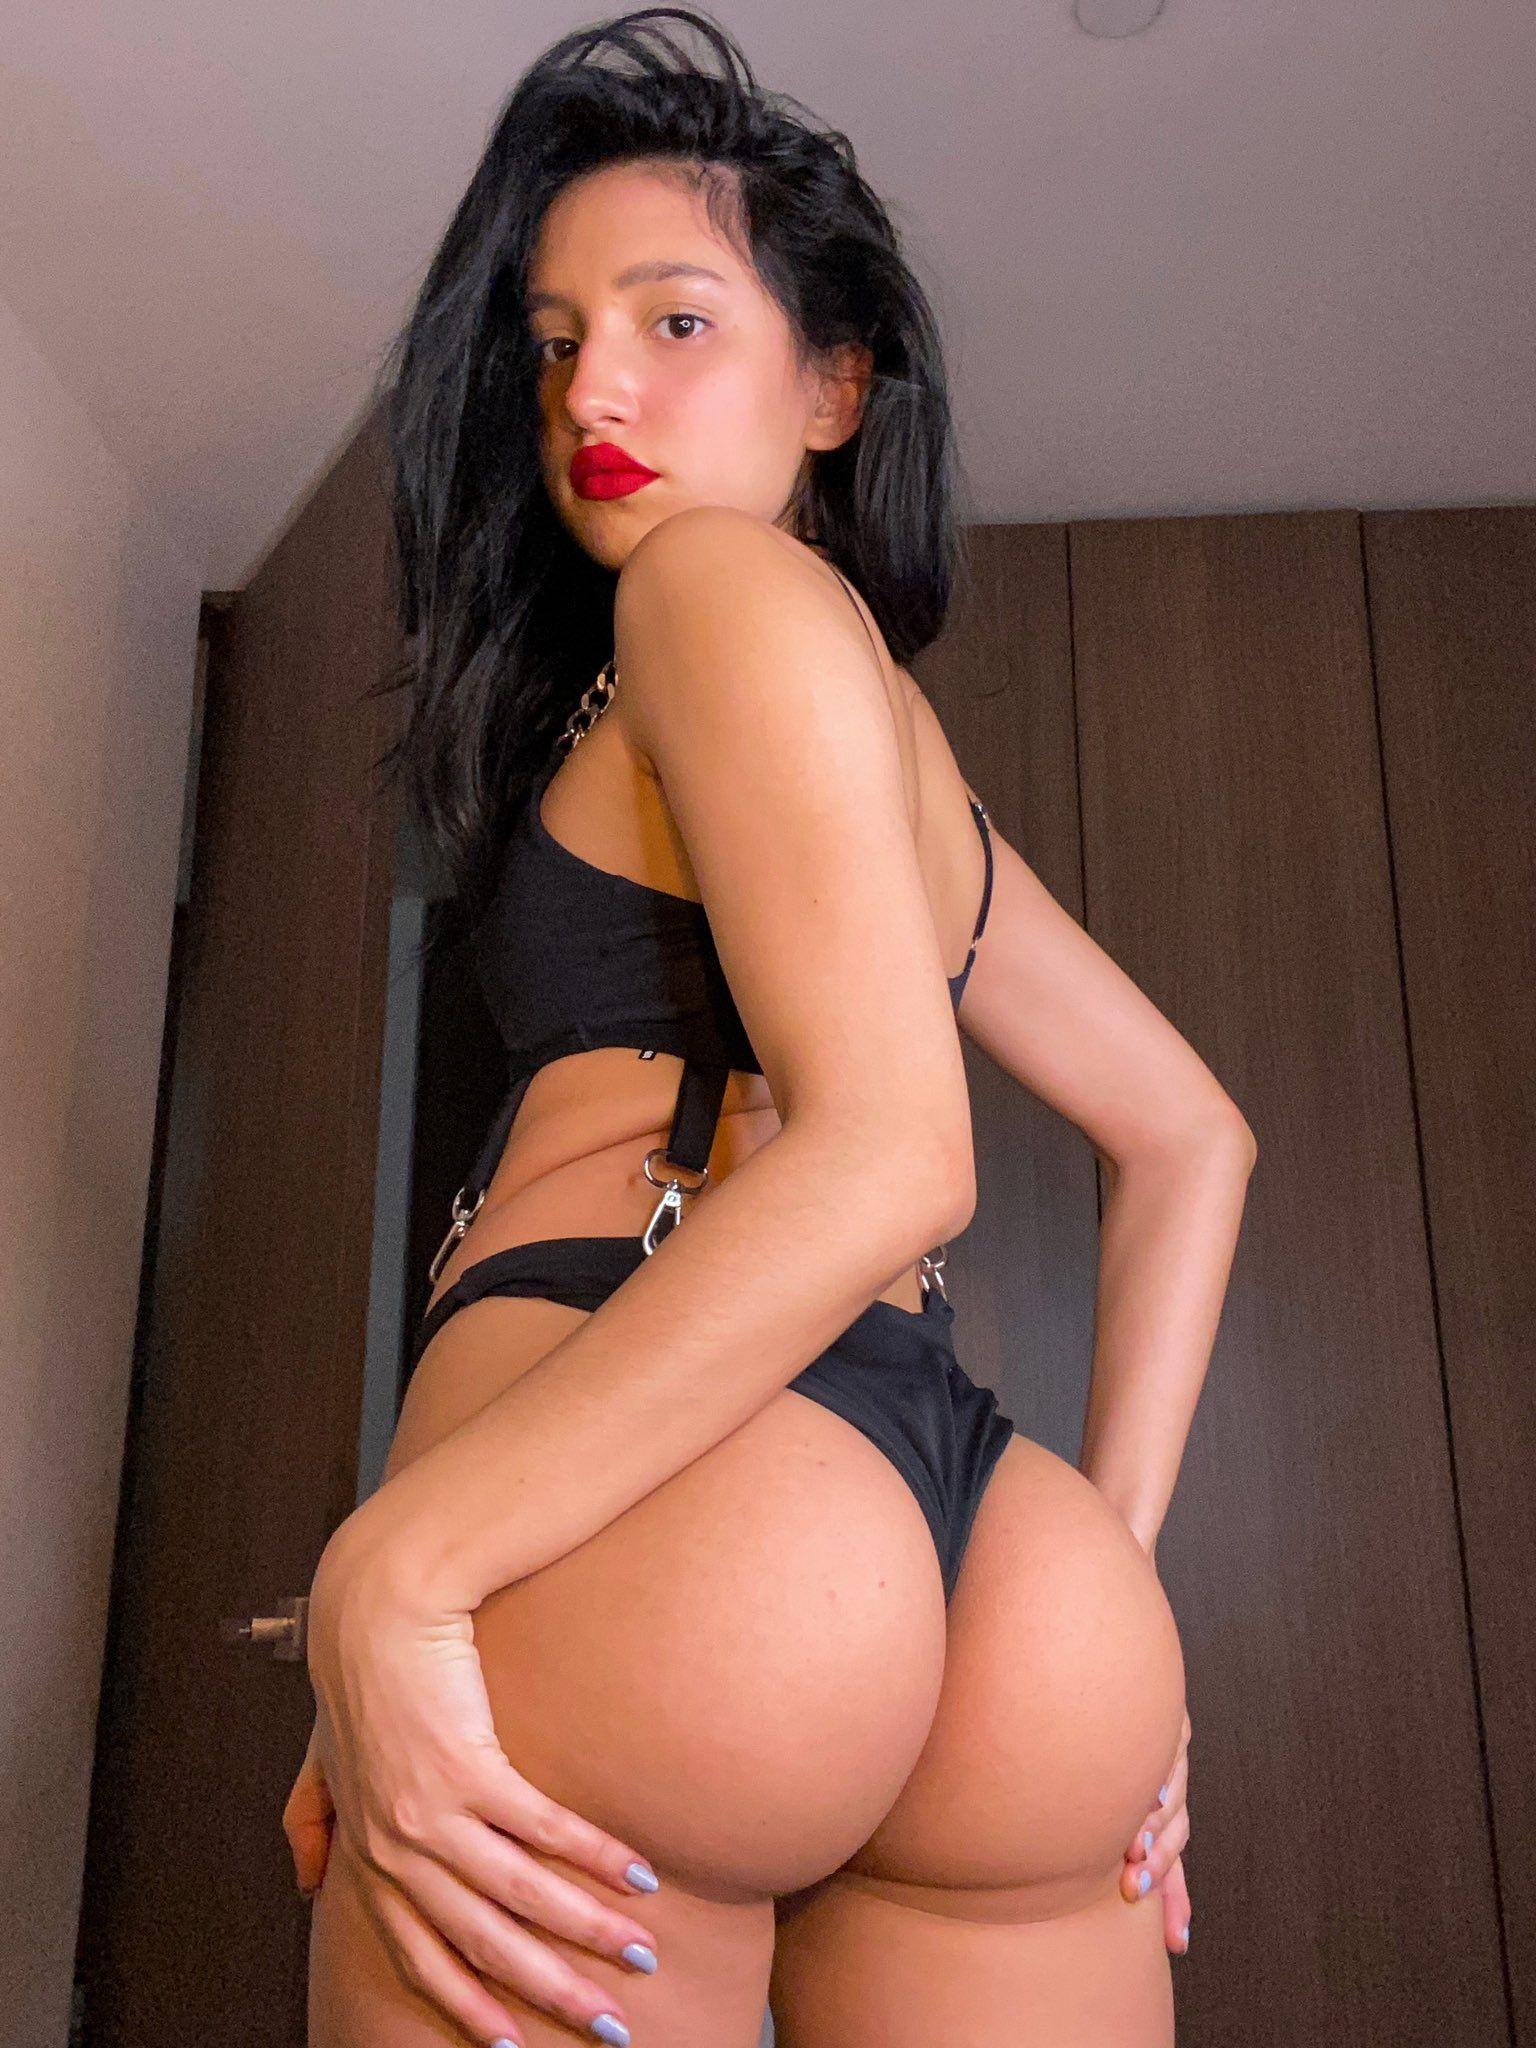 Mariam Obregon y su paquete caliente y sensual. 1